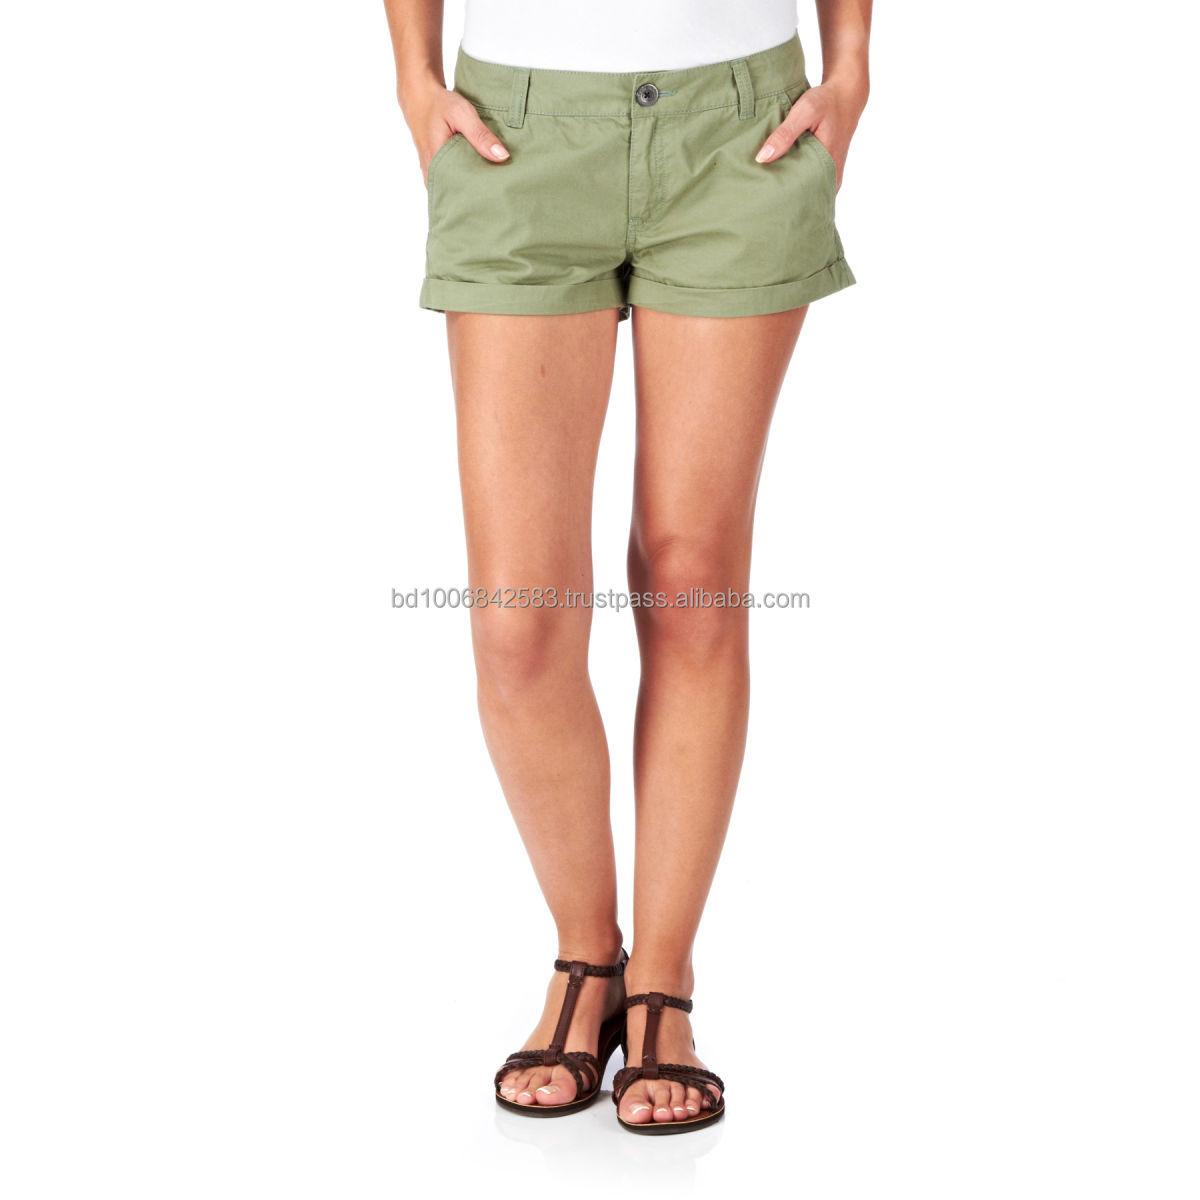 Ladies Shorts,High Quality Chino Shorts - Buy Ladies Shorts,Ladies ...